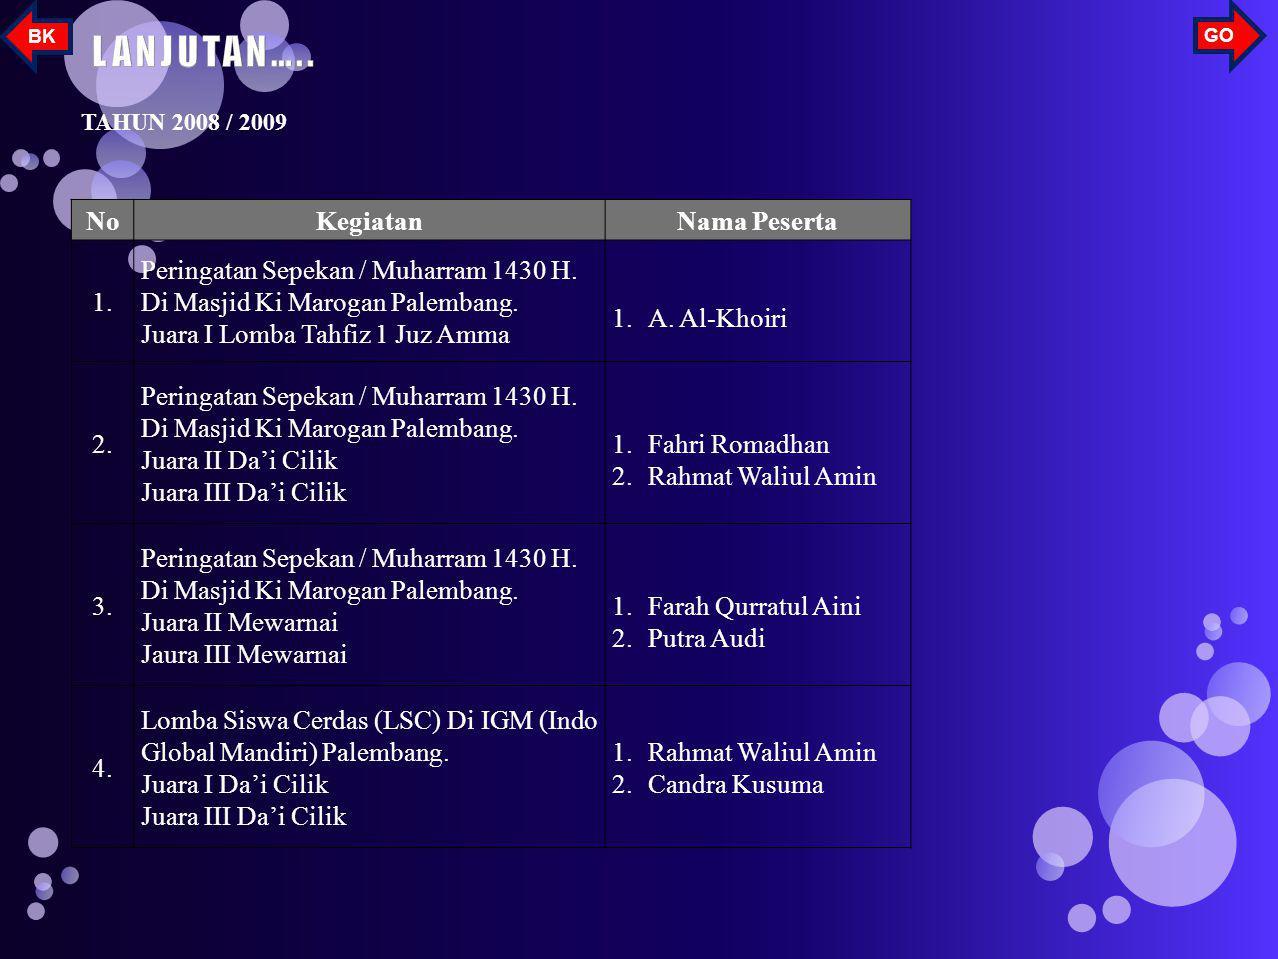 NoKegiatanNama Peserta 1.Juara III Mendongeng Tahun 2008Siti Nuzula Juliarti 2.Pengucapan Dasa Dharma Putra Tahun 2008Ahmad Al- Khoiri 3.Juara I Senam